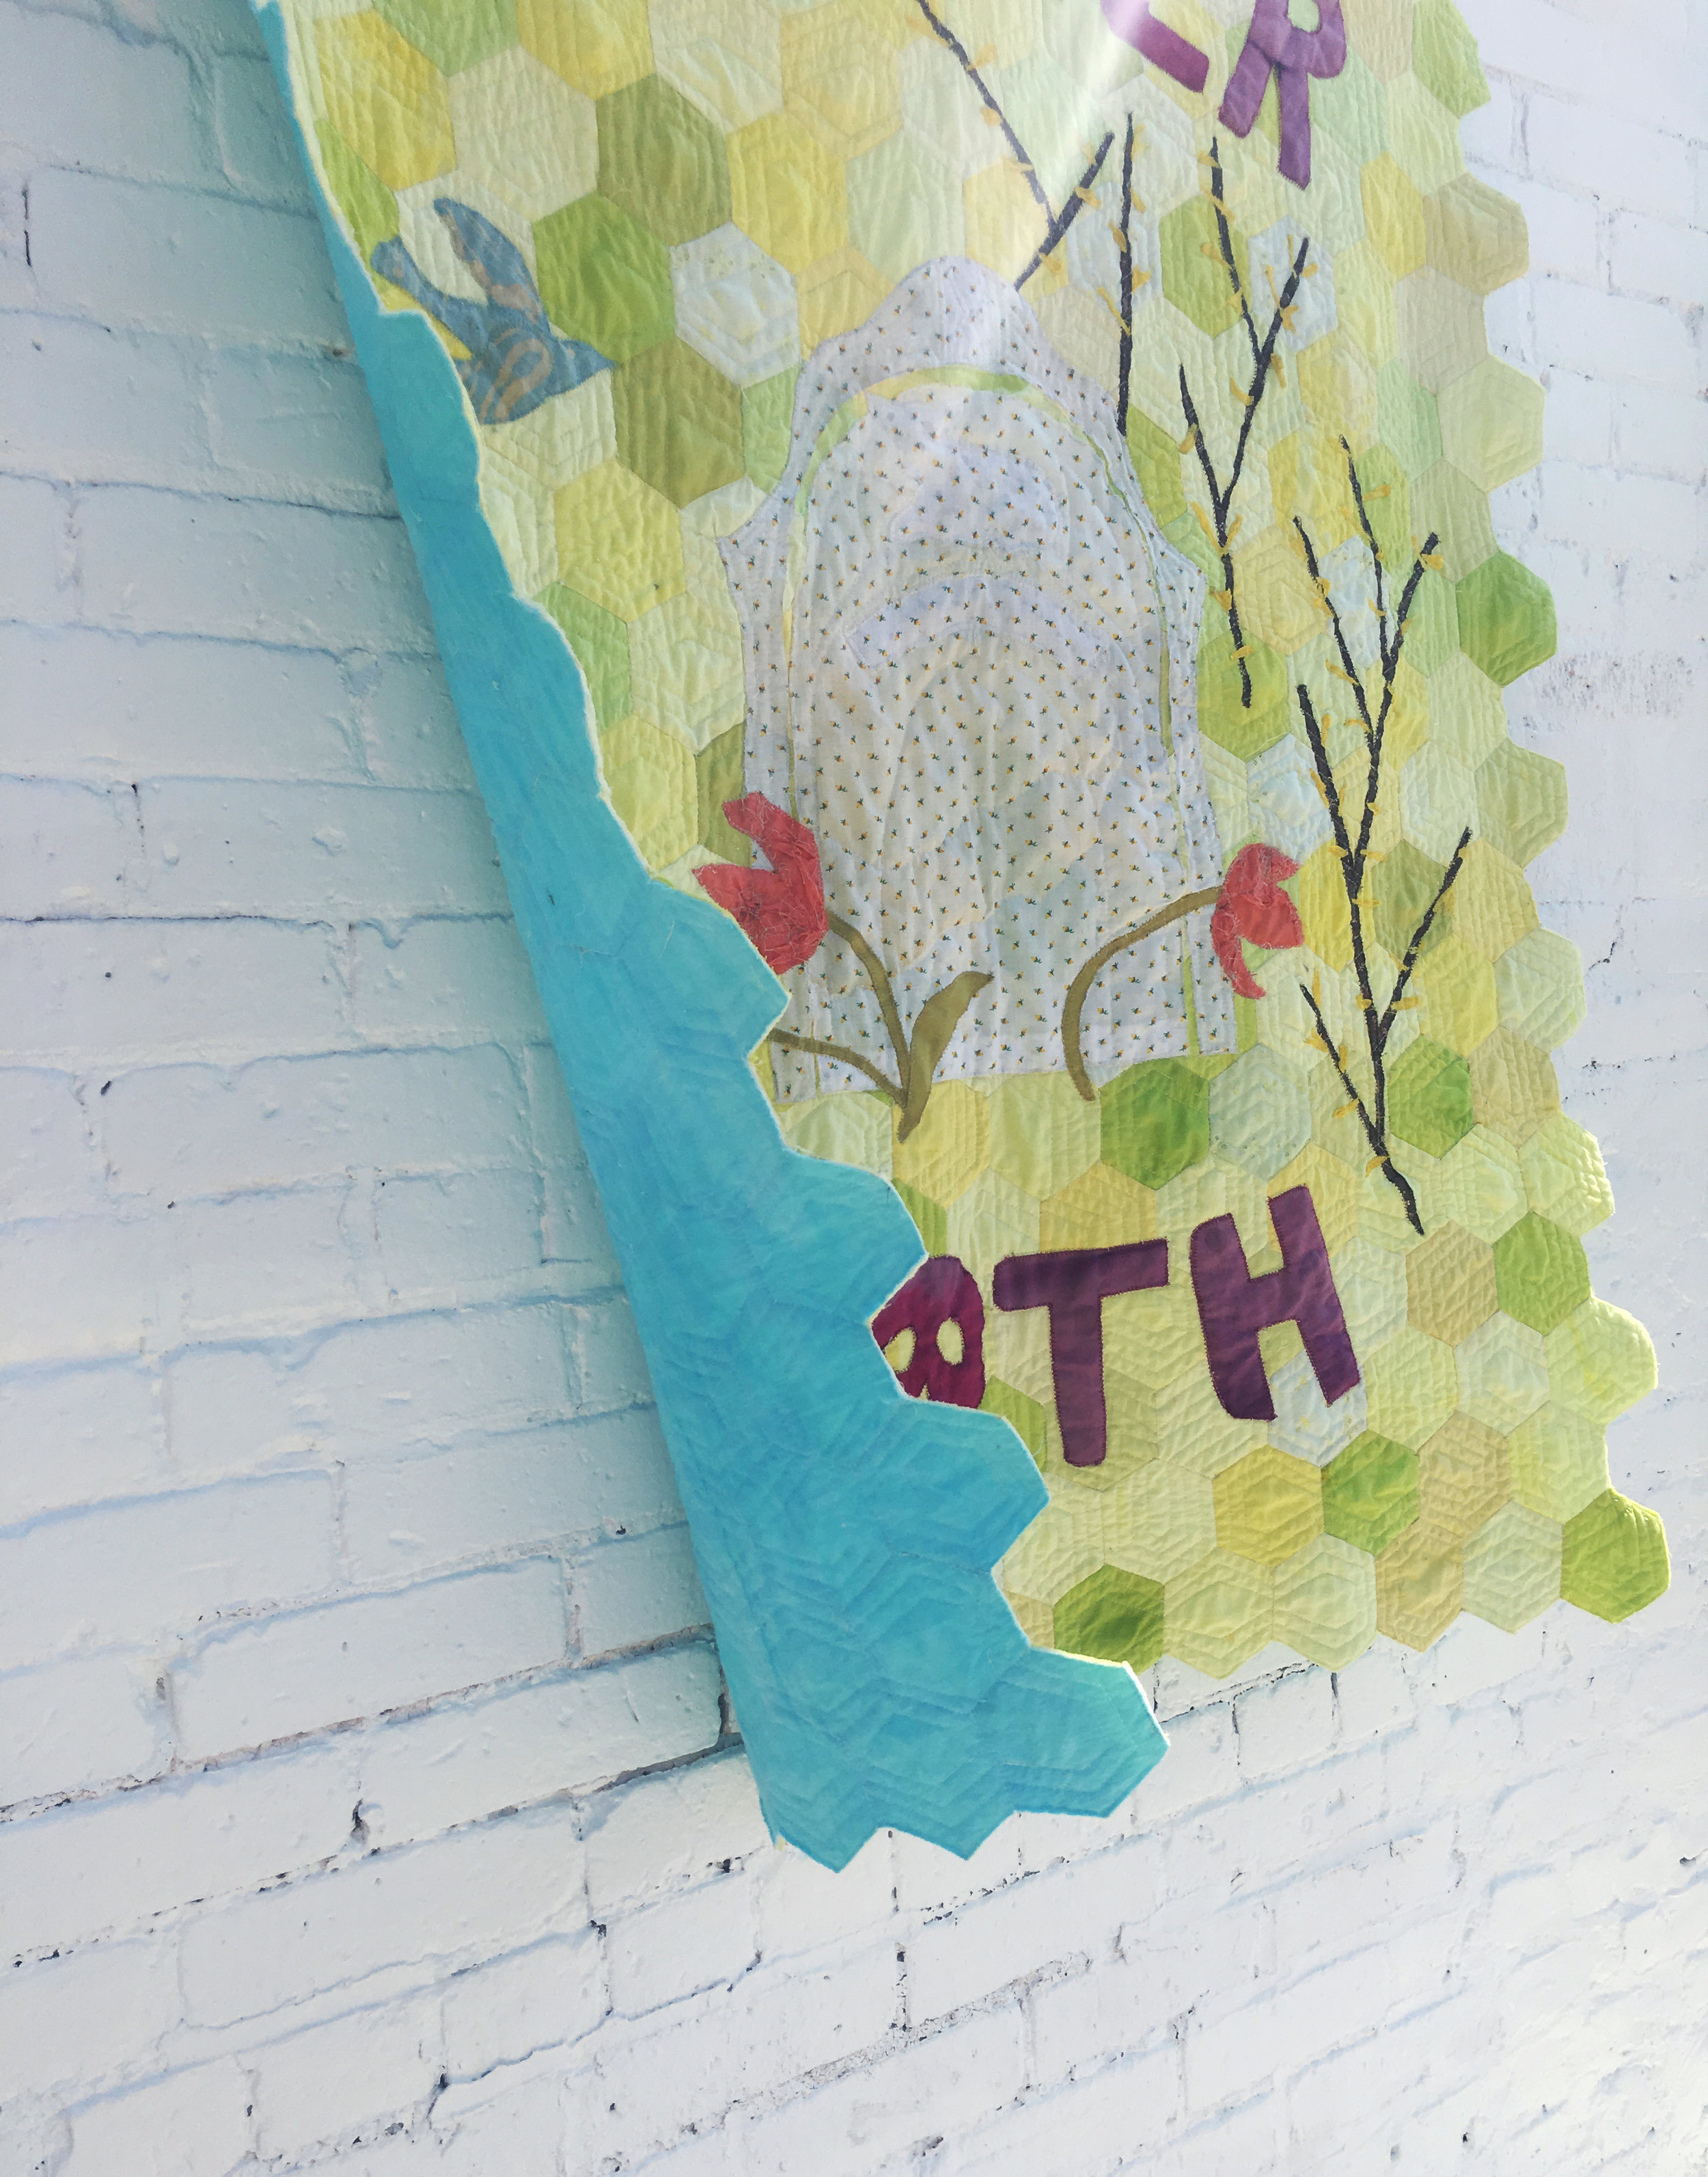 Flower Goth (Detail)